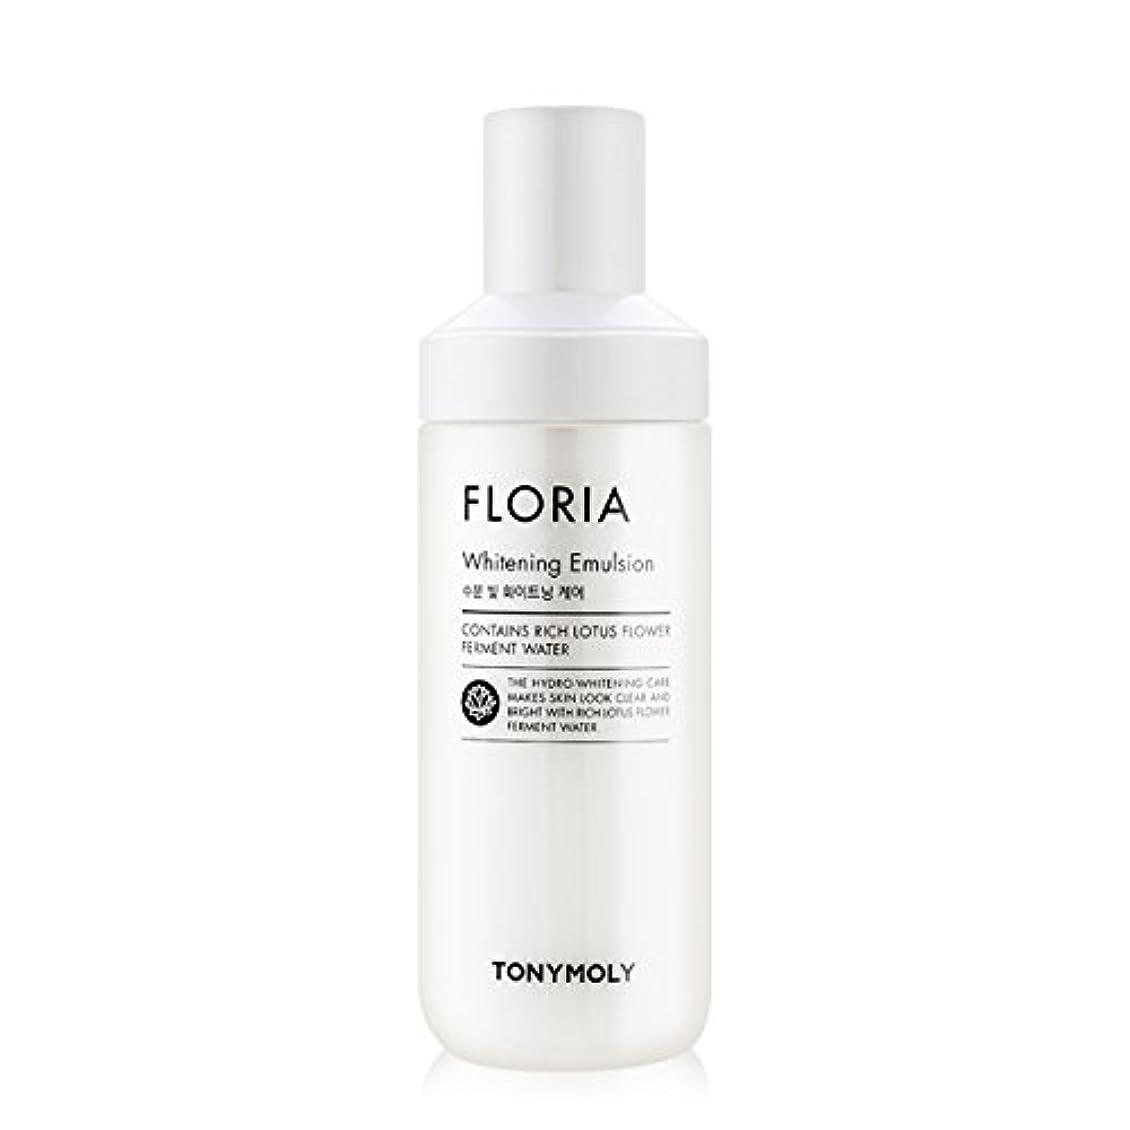 比べる幸運なことに組み込む[2016 New] TONYMOLY Floria Whitening Emulsion 160ml/トニーモリー フロリア ホワイトニング エマルジョン 160ml